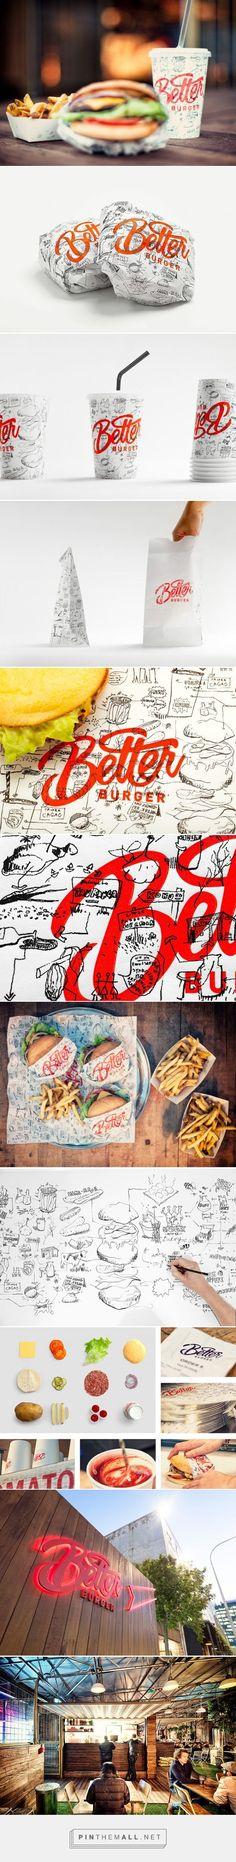 Better Burger branding